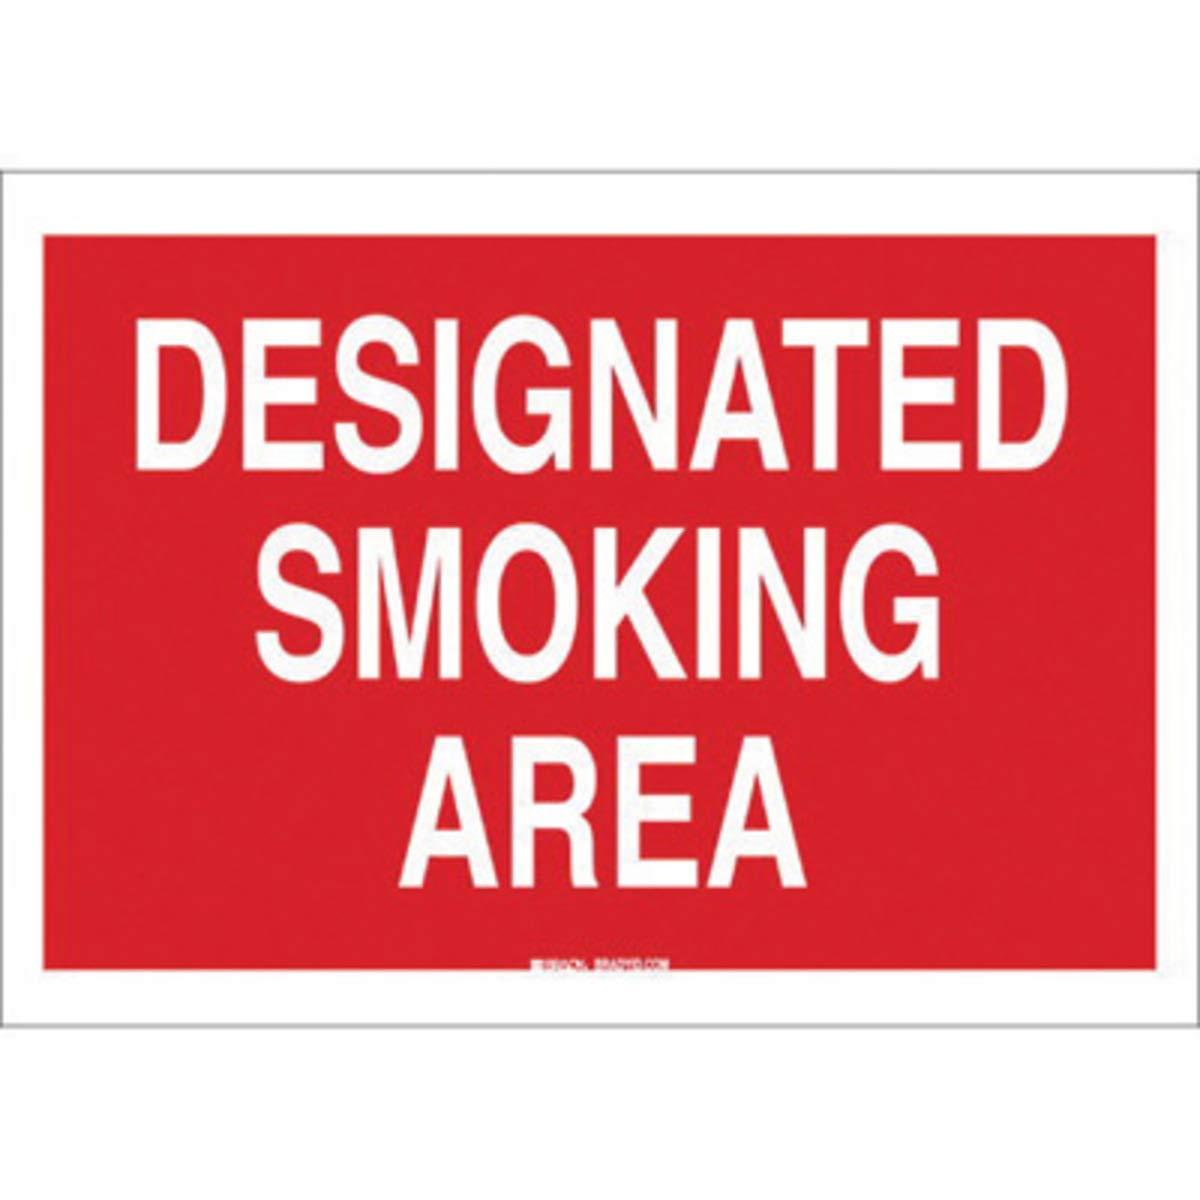 Brady 10'' X 14'' X 1/10'' White On Red B-120 Fiberglass No Smoking Sign''DESIGNATED SMOKING AREA''